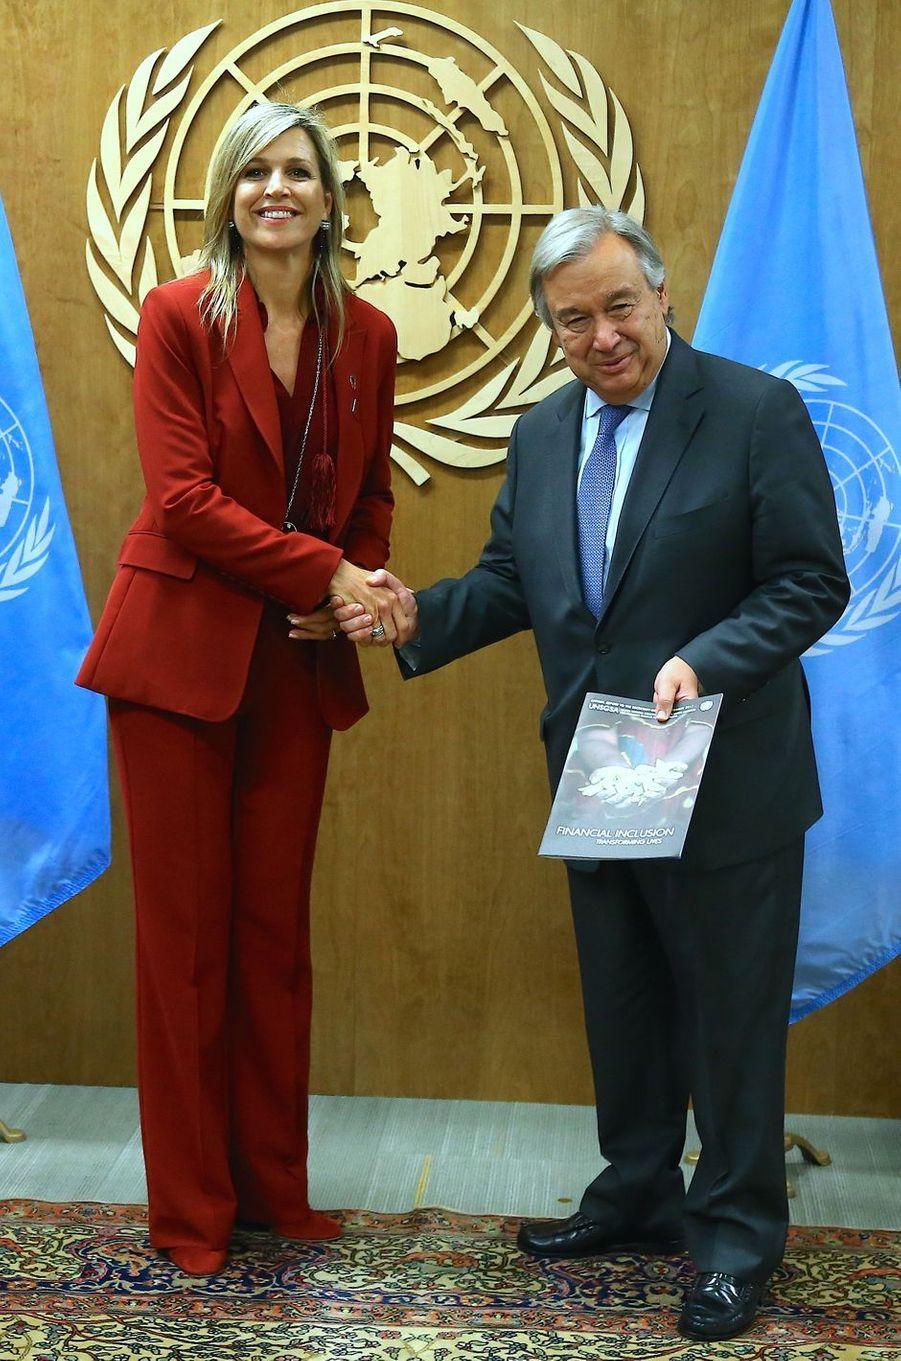 La reine Maxima des Pays-Bas avec Antonio Guterres au siège de l'ONU à New York, le 20 septembre 2017